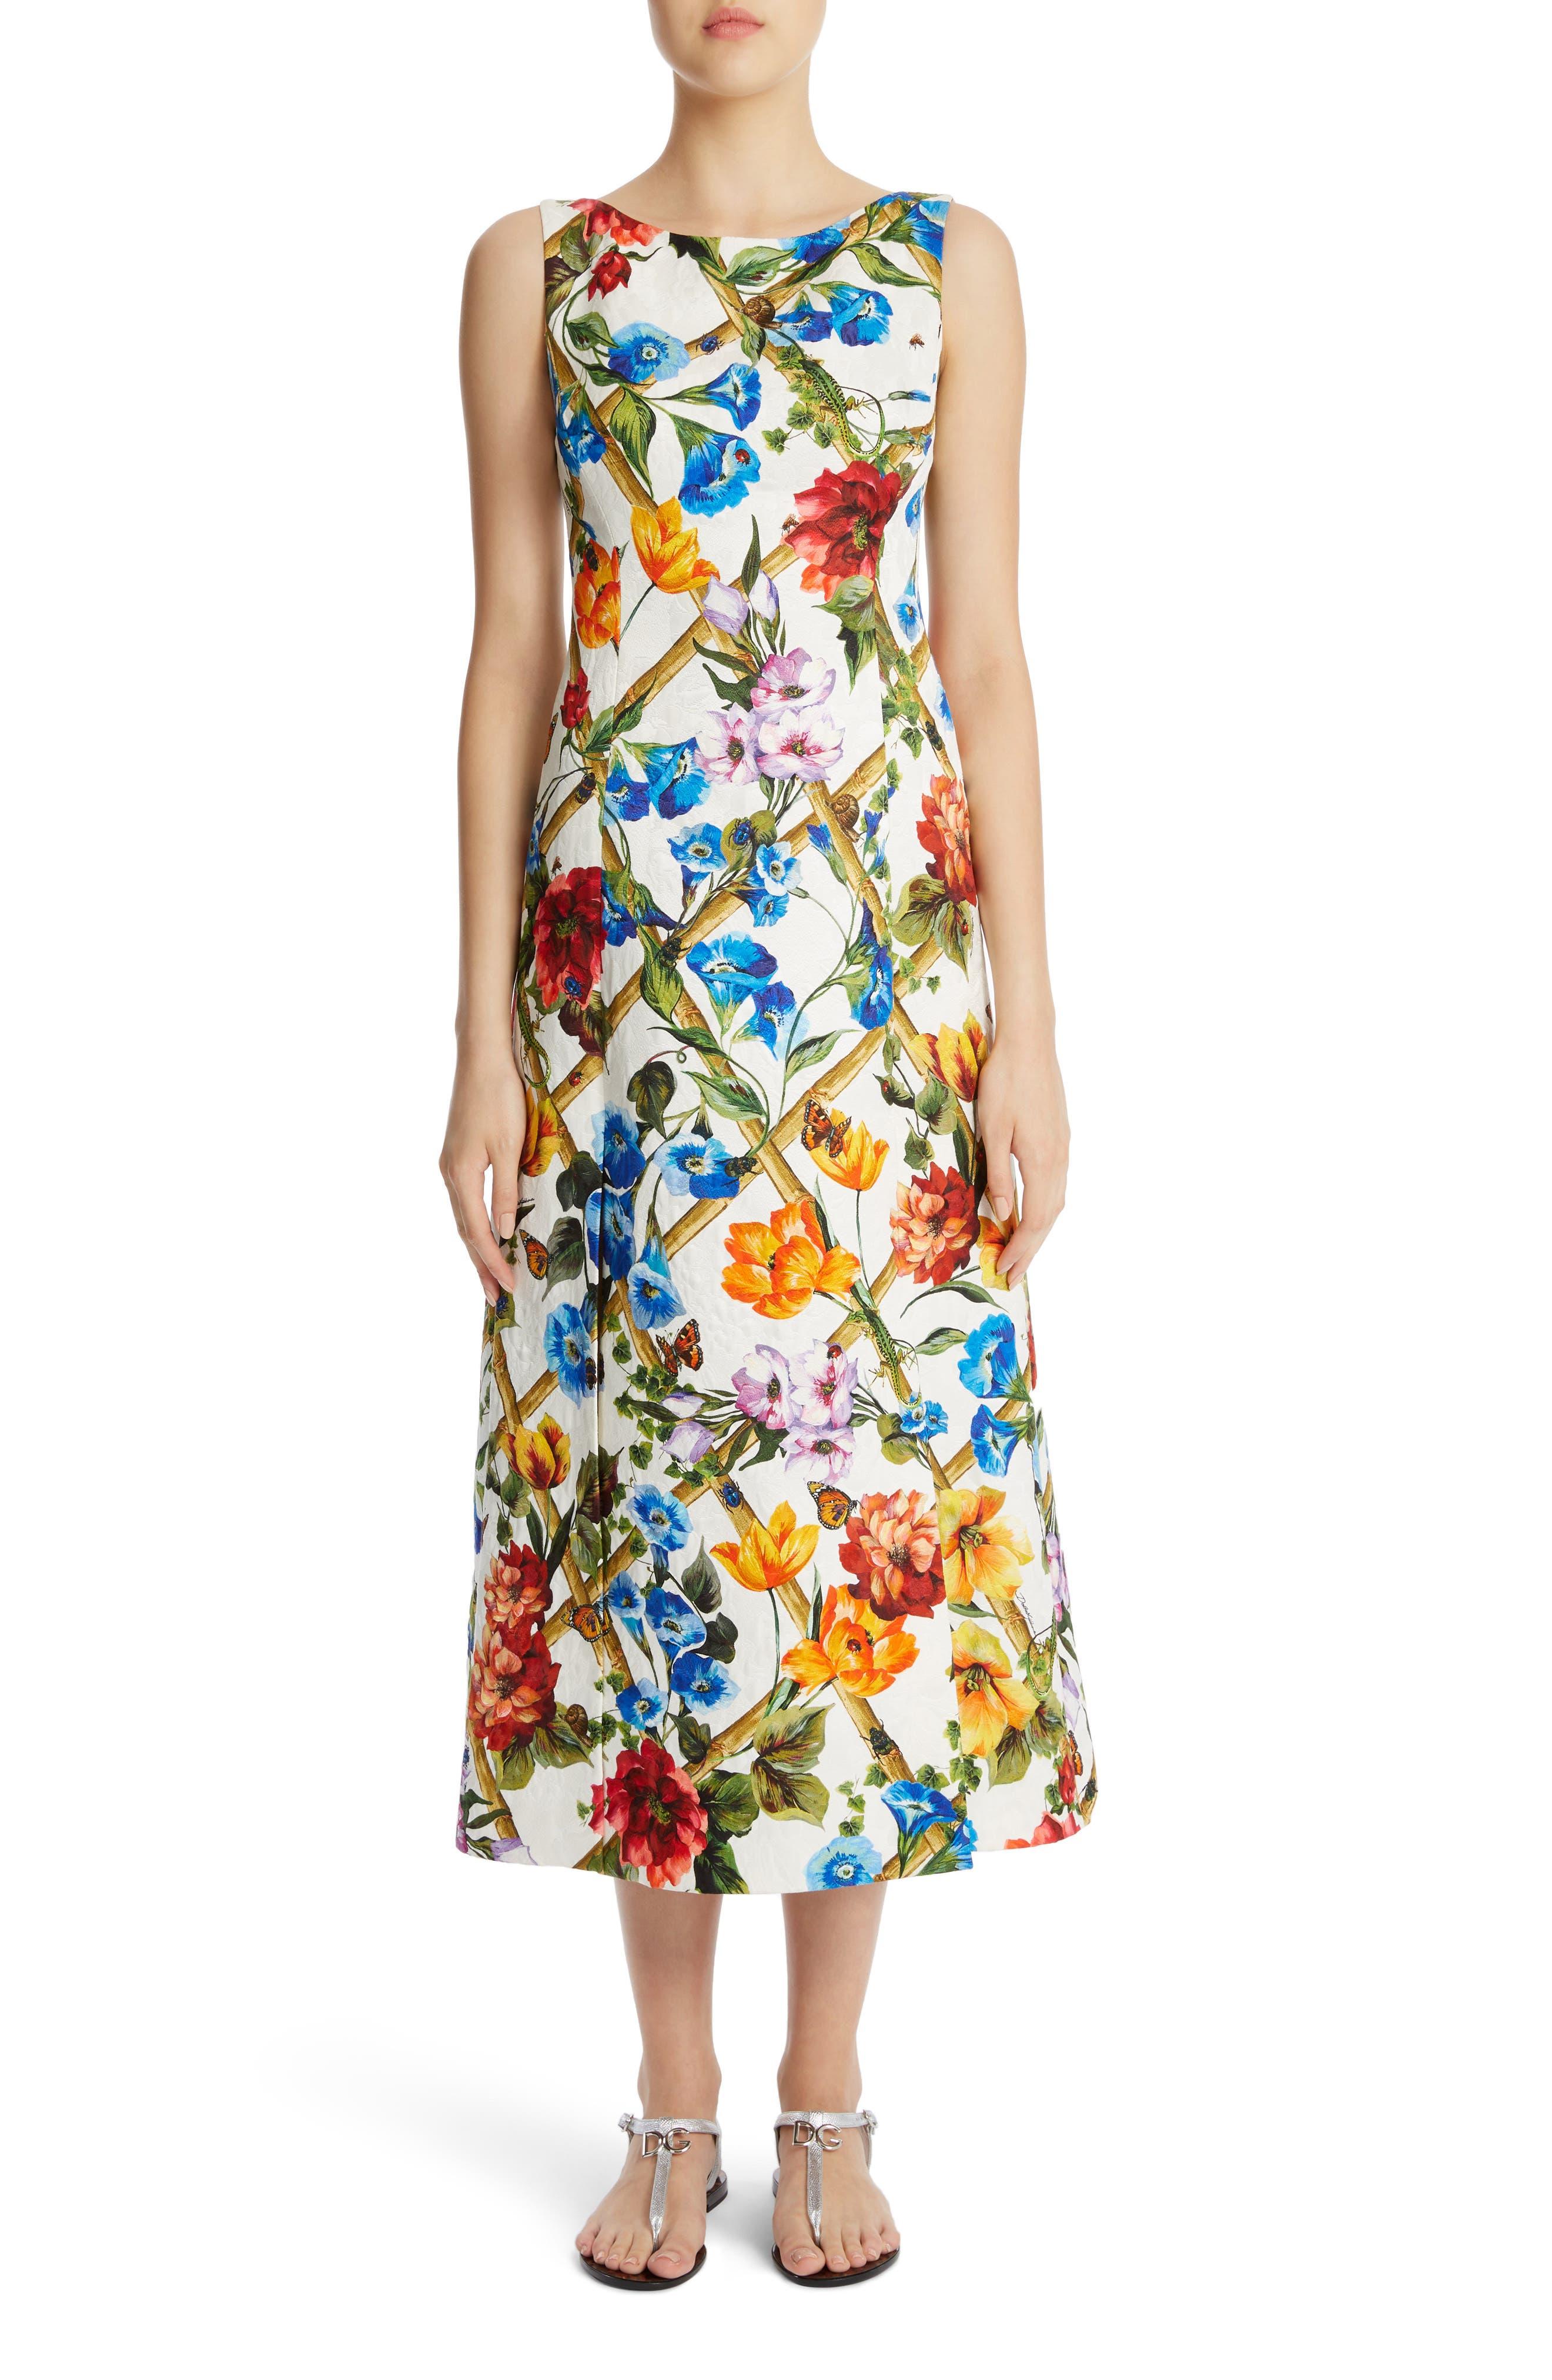 Dolce&Gabbana Slit Floral Brocade Dress